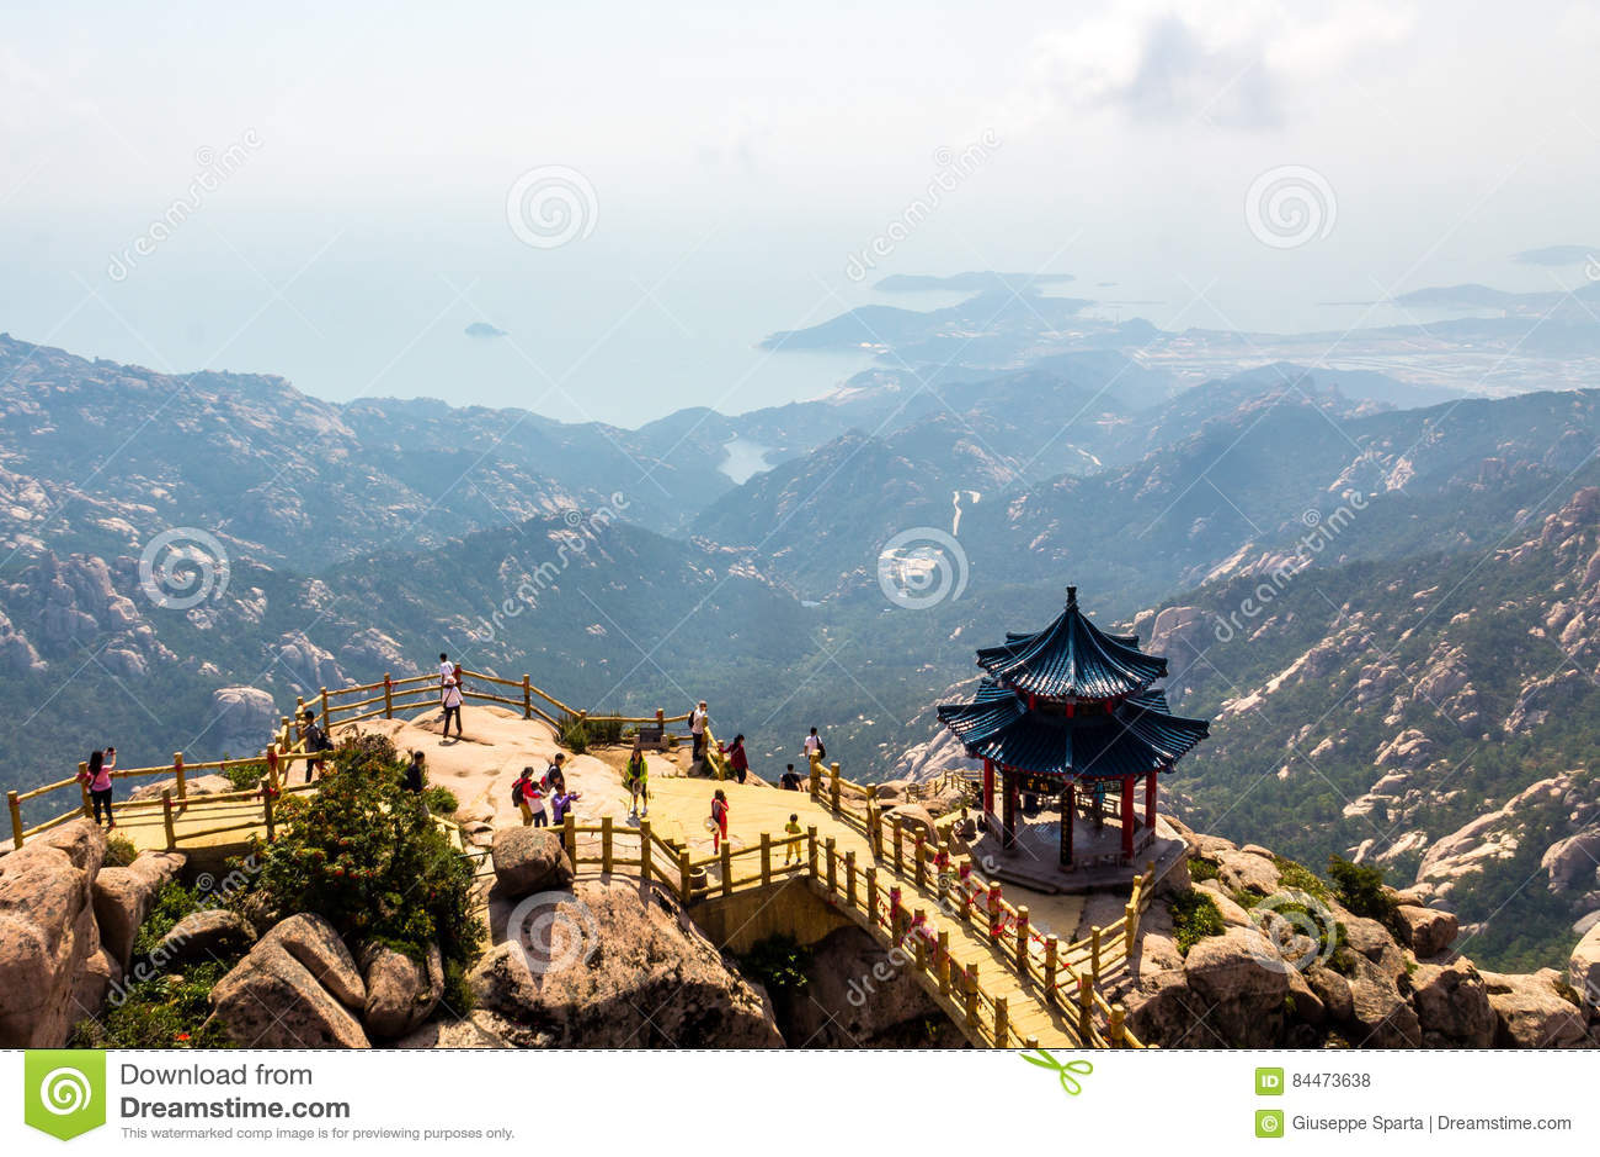 Pavilhão na parte superior da fuga de Jufeng, montanha de Laoshan, Qingdao, China